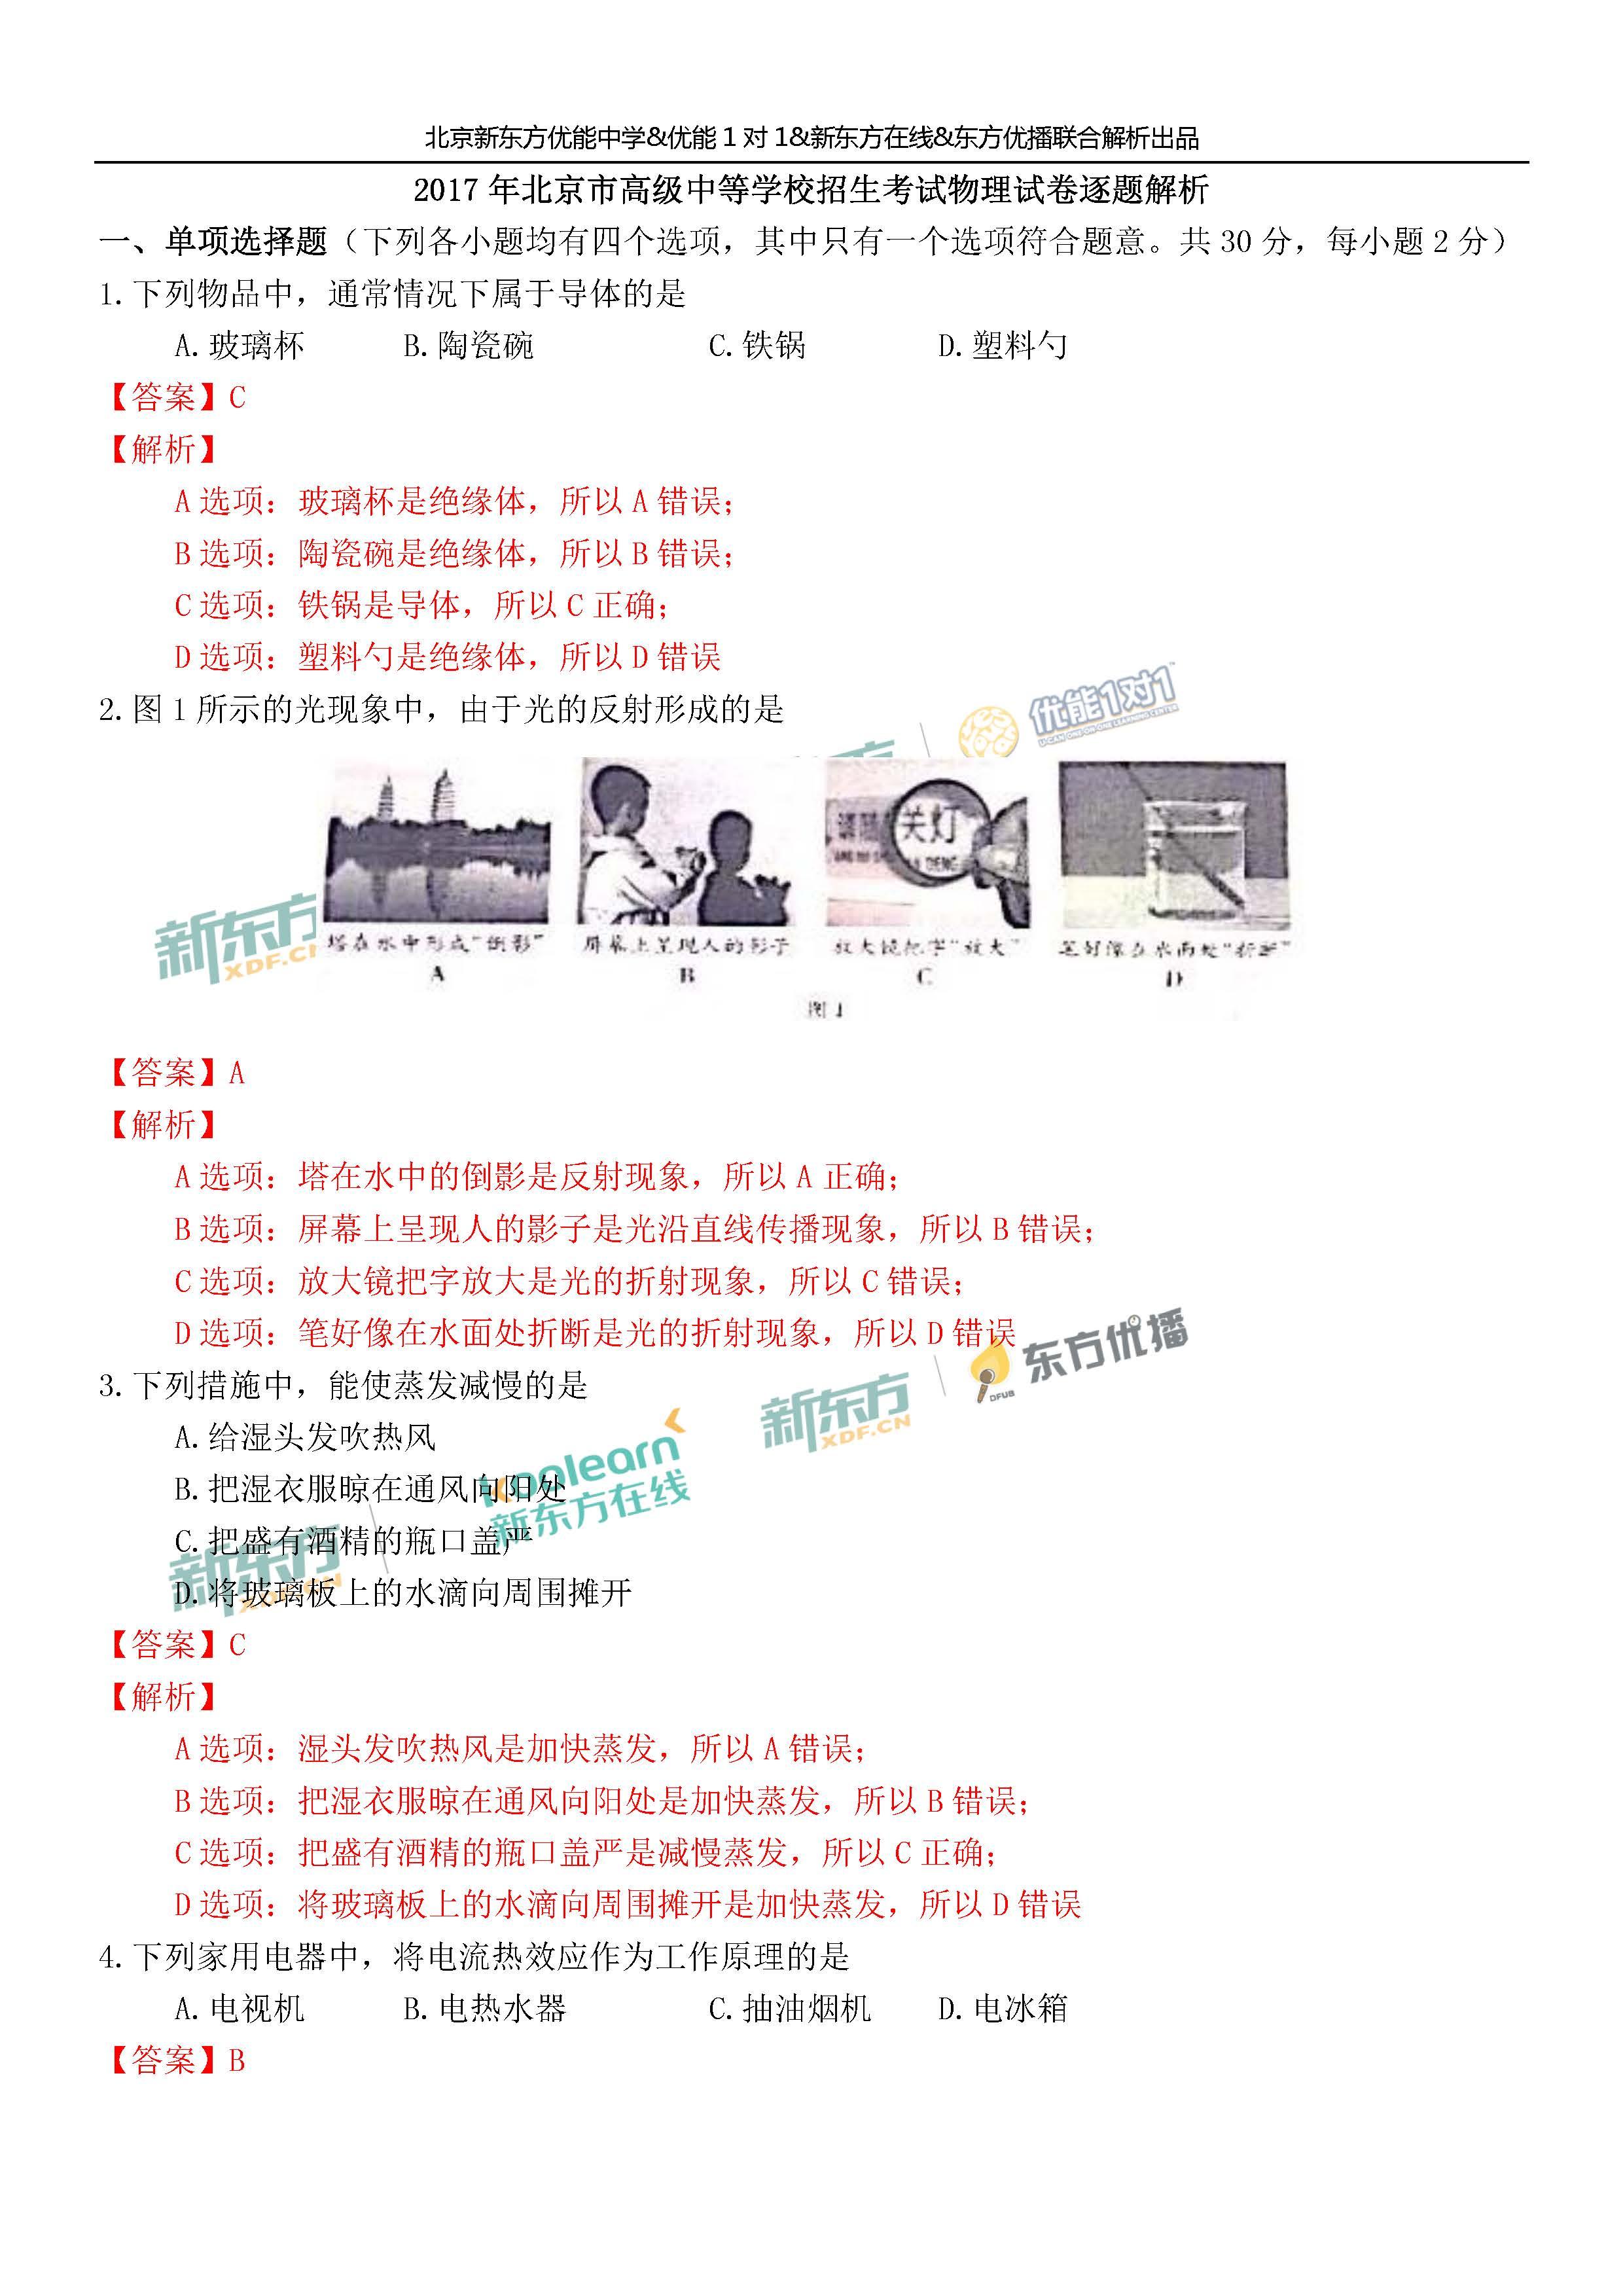 新东方优能名师逐题解析北京2017中考物理试题答案(图片版)